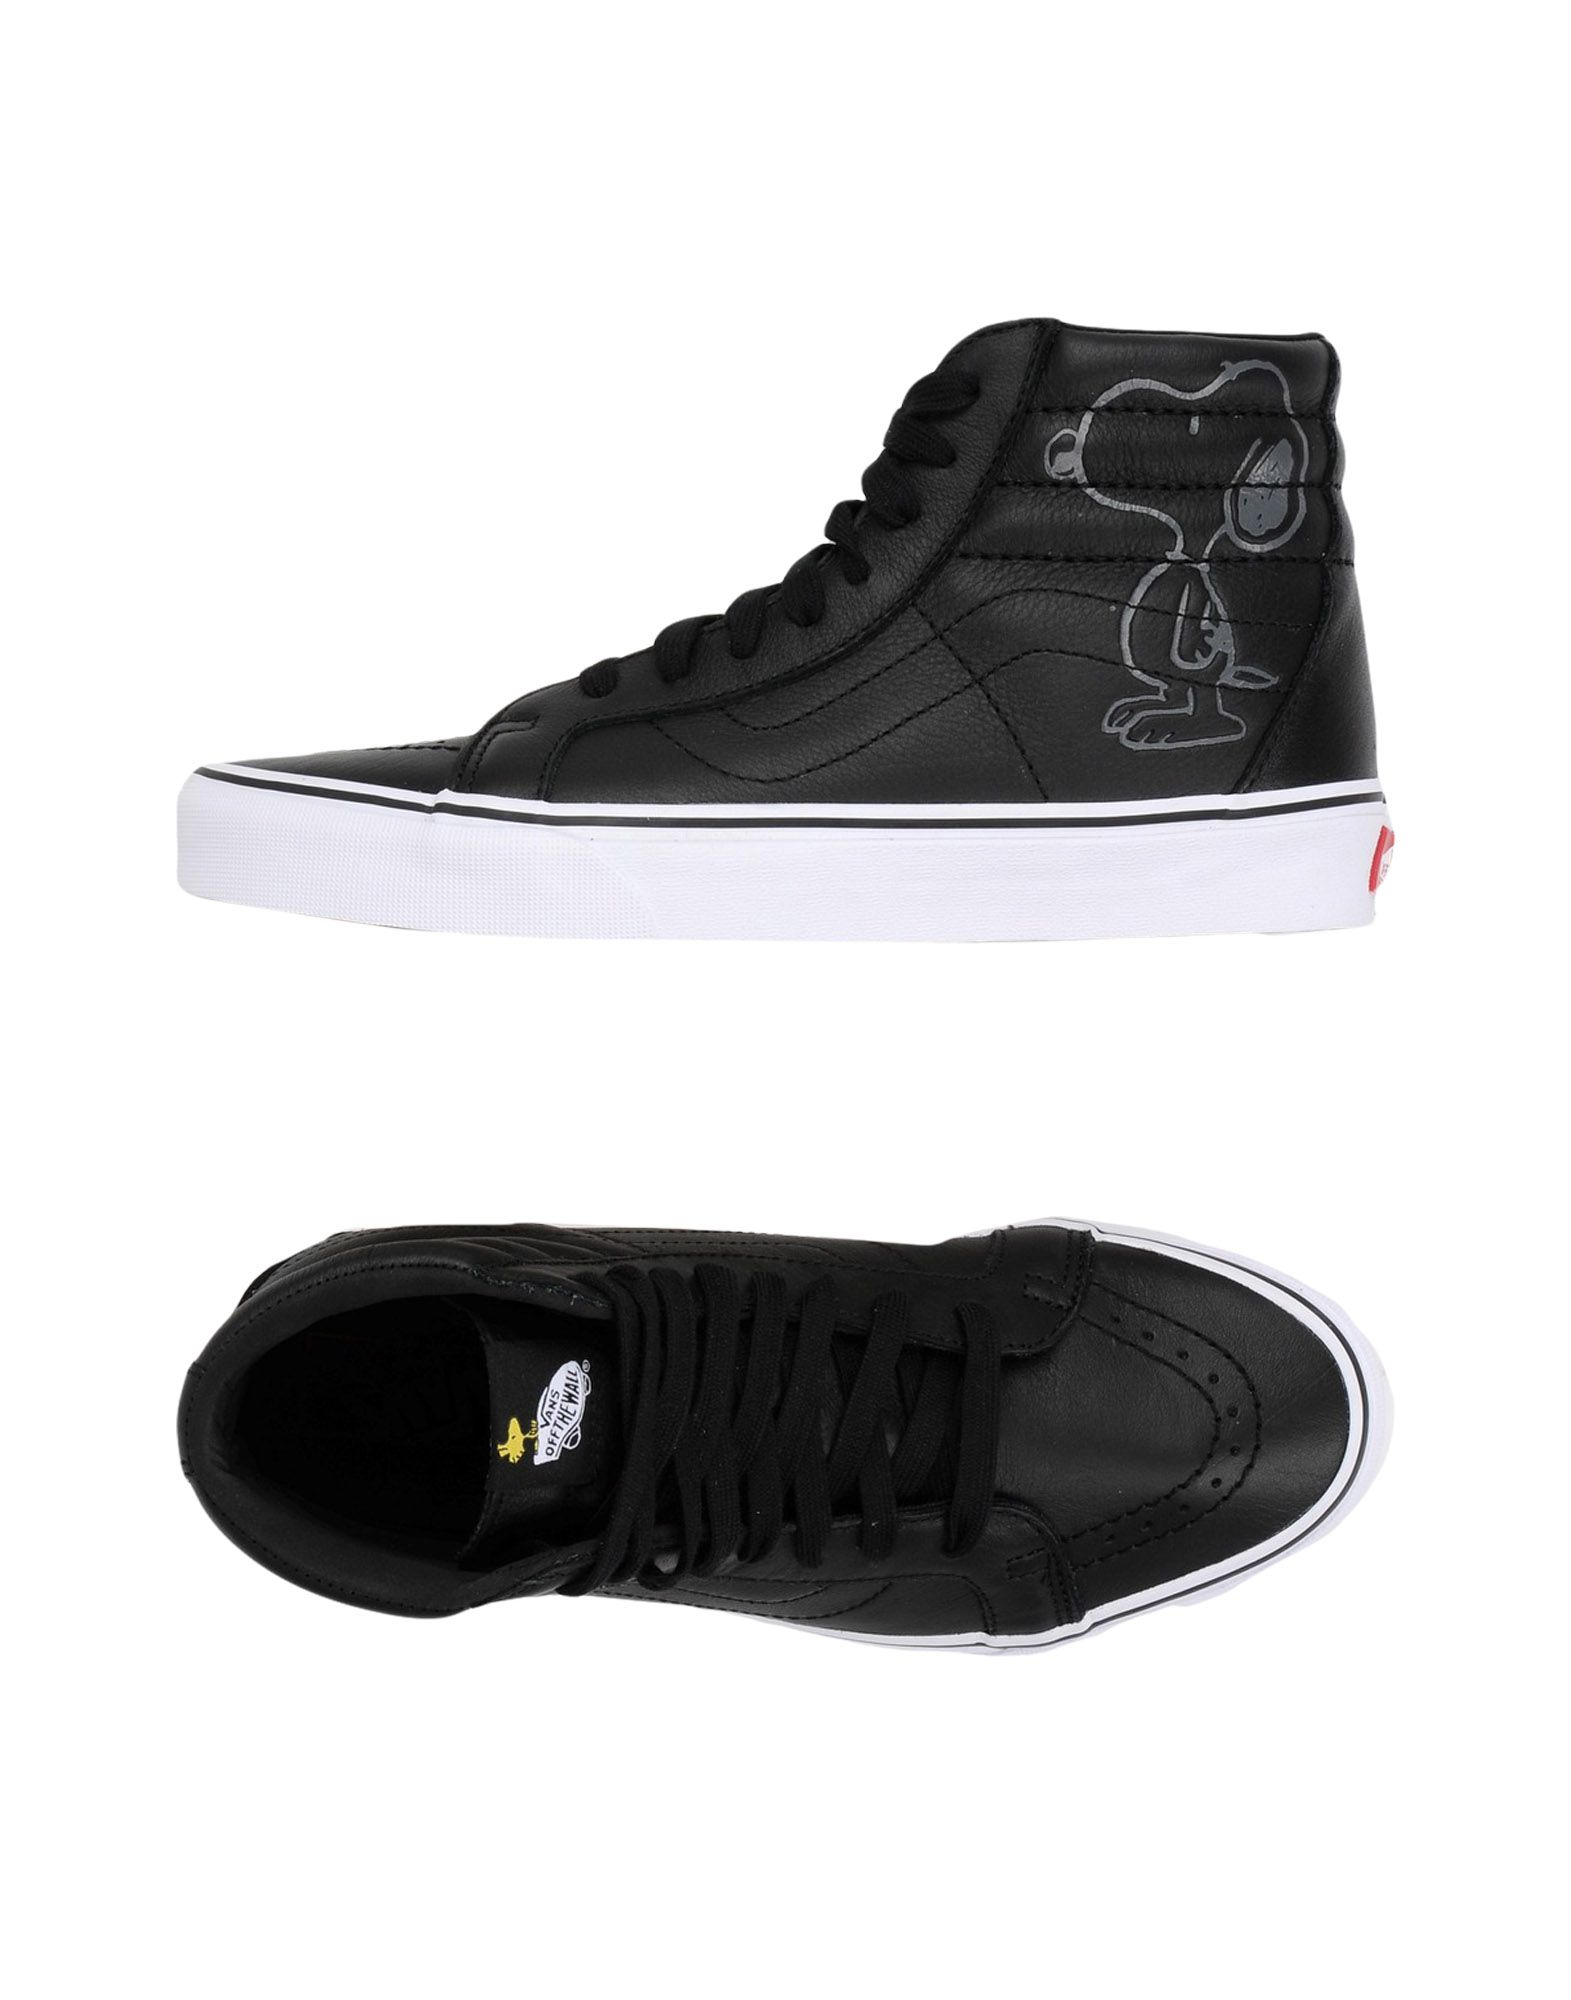 Baskets Vans Ua Sk8-Hi Reissue - Femme - Baskets Vans Noir Chaussures casual sauvages